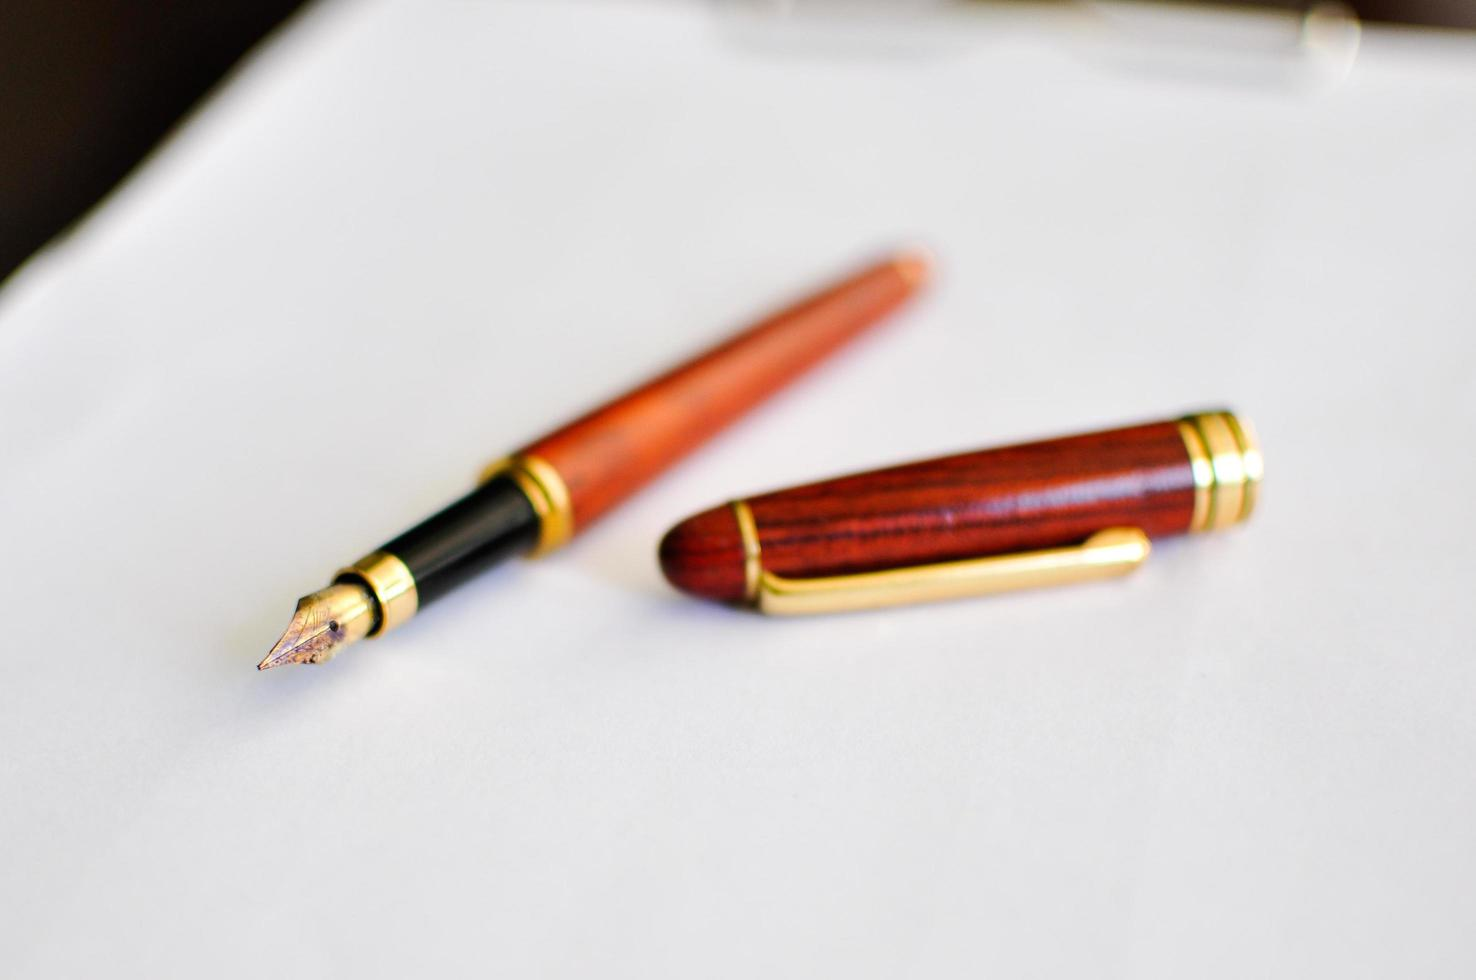 stylo plume en bois sur papier photo